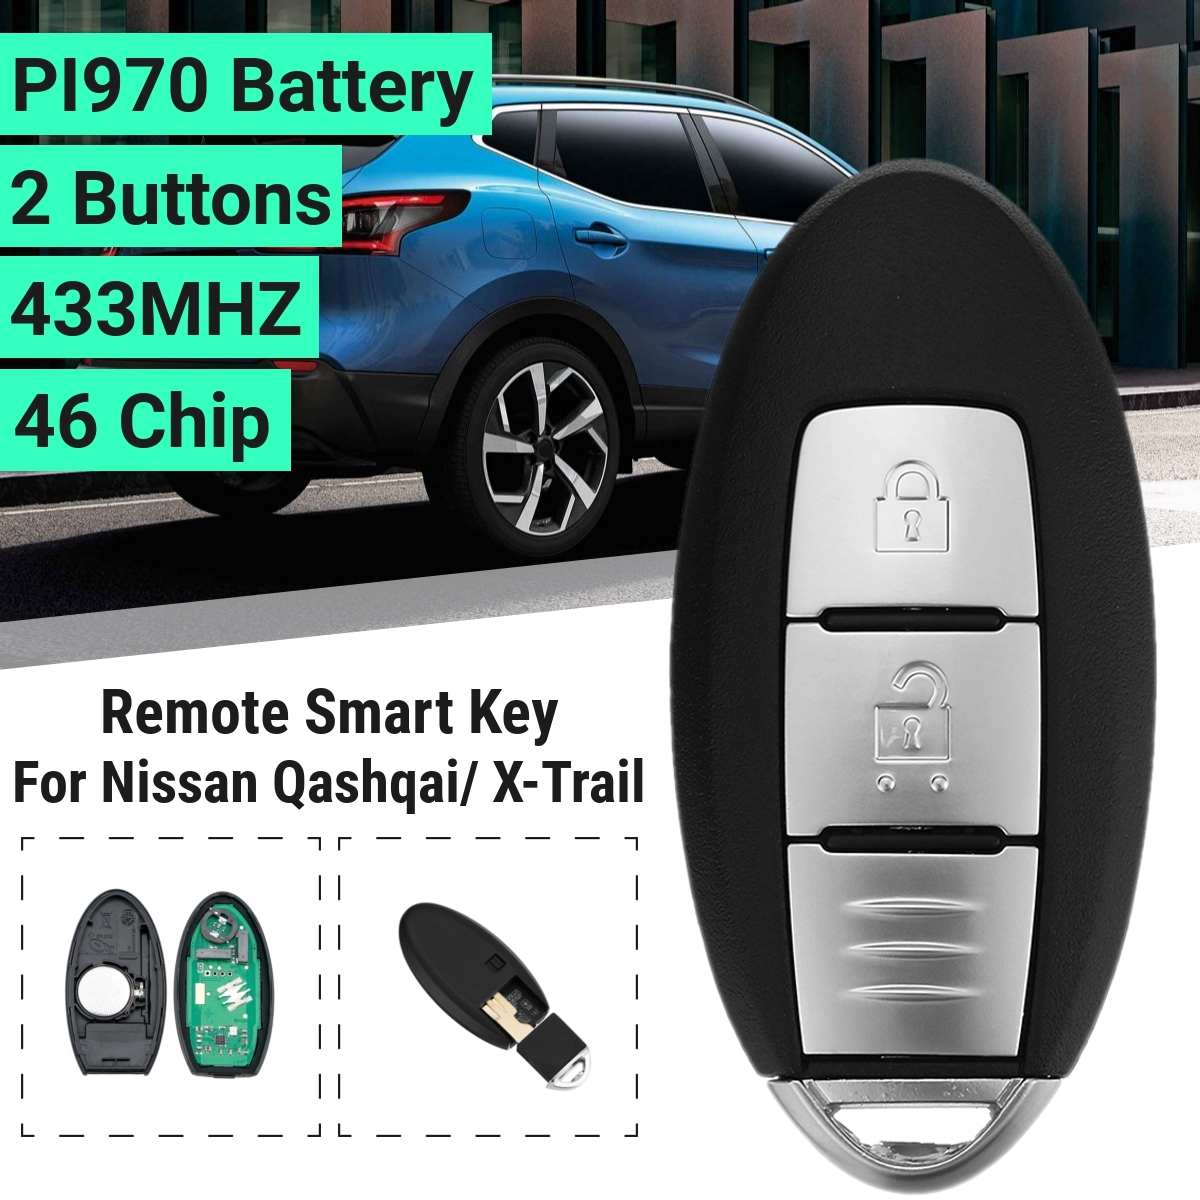 2 botão chave do carro remoto inteligente caso fob j458 para nissan qashqai x-trail 433 mhz 46 chip pi970 bateria